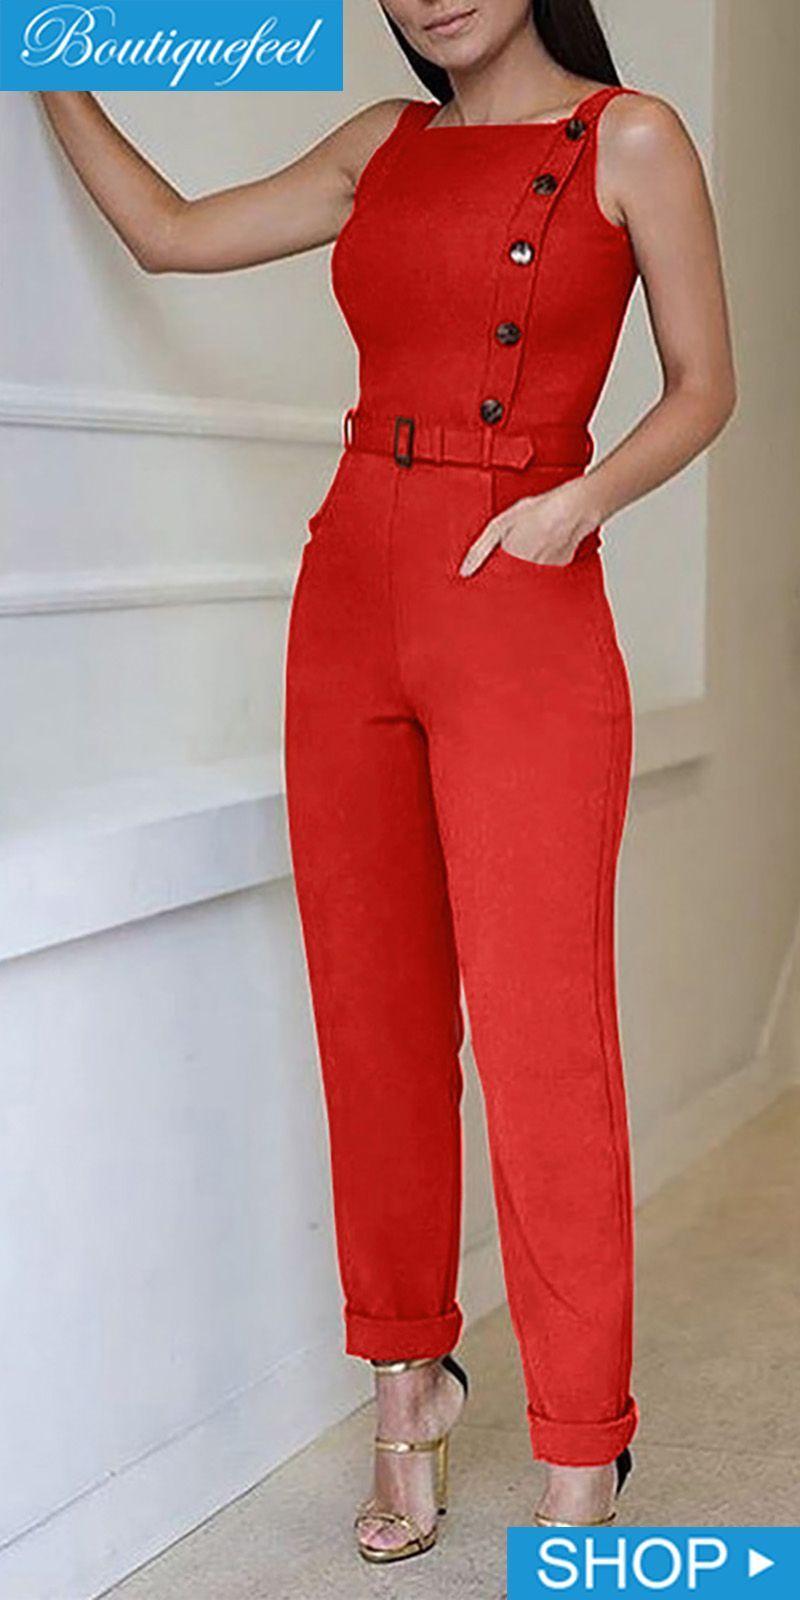 pantalonsfemmestendance in 2020 | schicke kleidung, modische